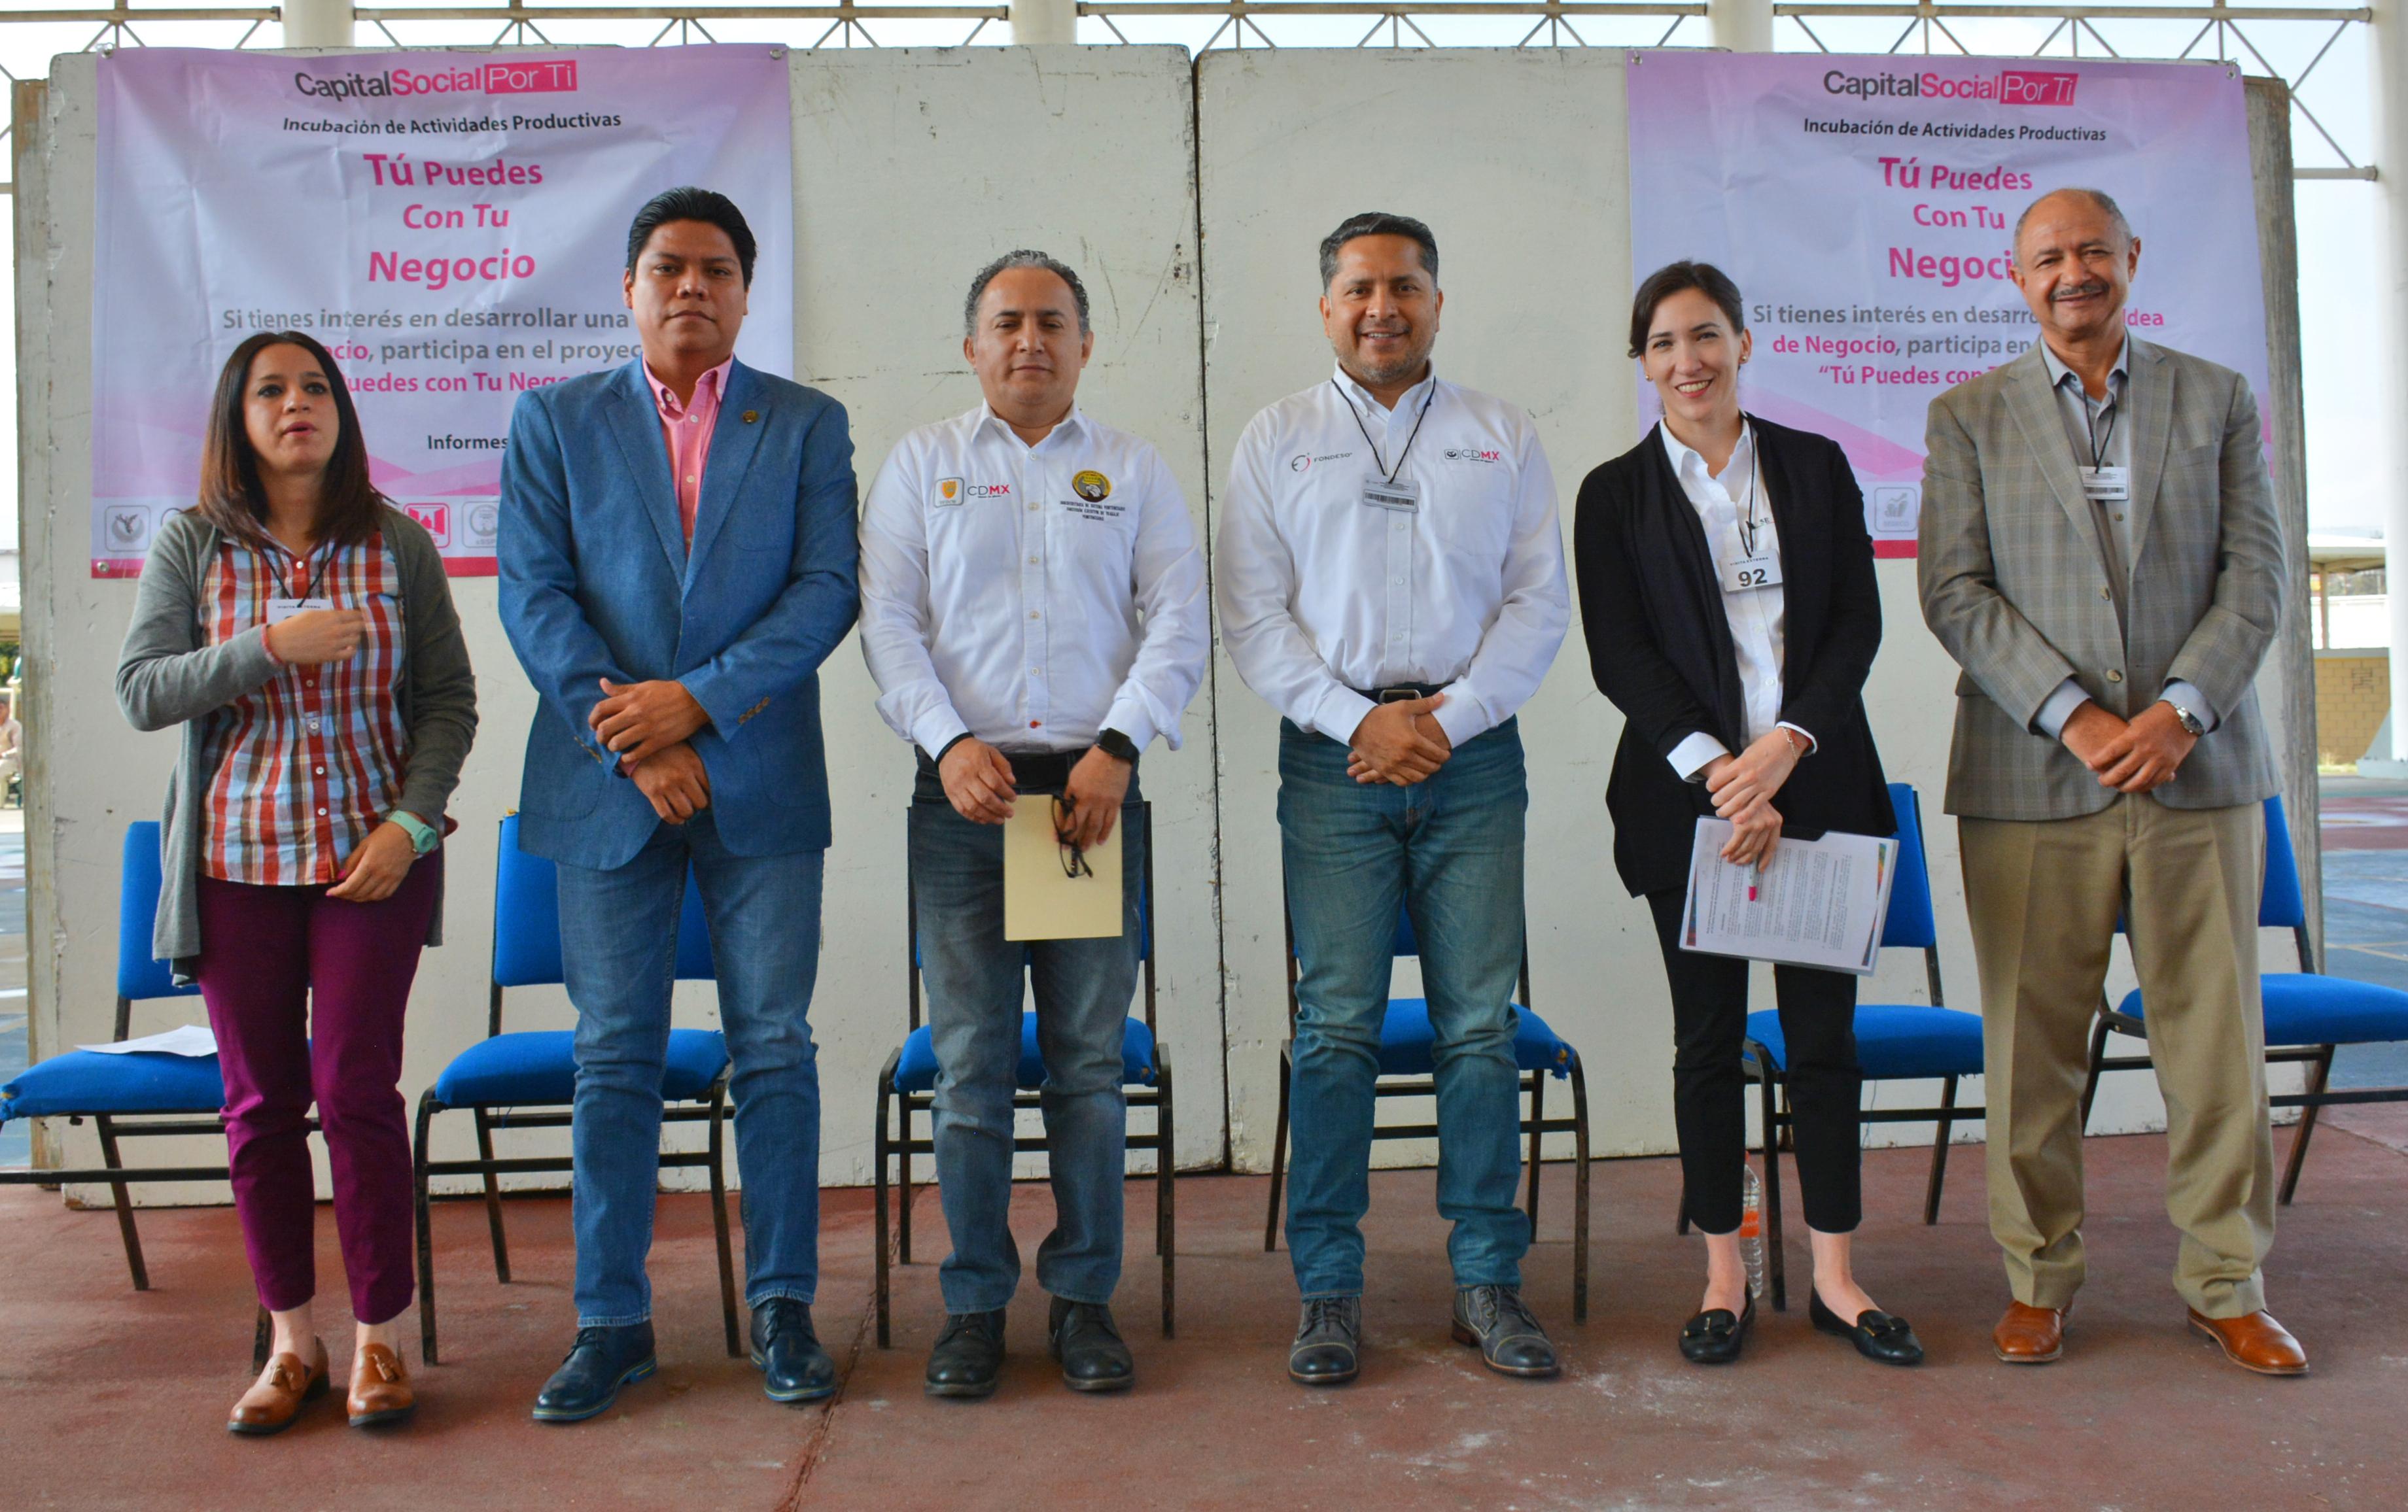 Desde 2016, el PRONAFIM ha trabajado con el Gobierno de la Ciudad de México para que mediante incubaciones y acceso a financiamiento, aumenten las oportunidades de las personas en proceso de reinserción social.